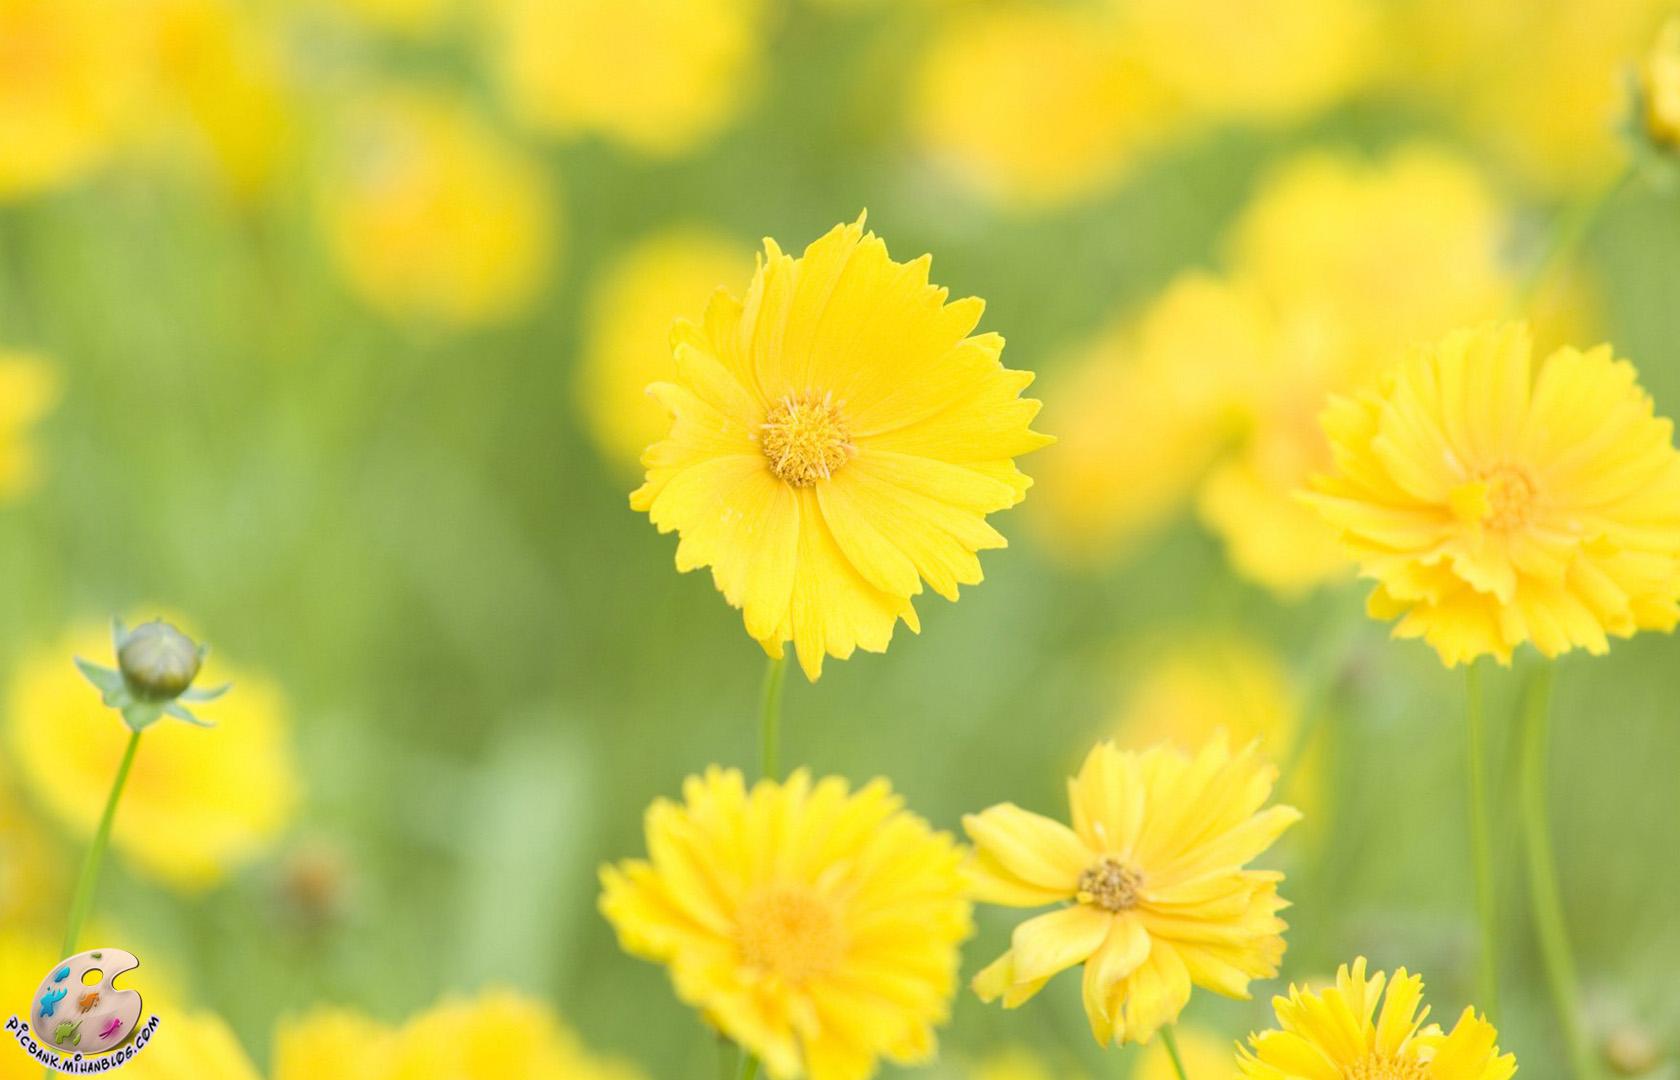 عکس ، عکسهای زیبا ، عکس های زیبا ، عکس باکیفیت ، عکس با کیفیت ، عکسهای باکیفیت ، گل ، عکس گل ، عکسهای گل ، گل و گیاه ، عکس گل و گیاه ، عکسهای گل و گیاه ، والپیپر ، والپیپرهای زیبا ، والپیپر زیبا ، والپیپر گل ، والپیپرهای گل ، والپیپر گل و گیاه ، گلهای زیبا ، گلها ، گل ها ، گل های زیبا ، عکس لطیف ، عکس دیدنی ، عکسهای دیدنی ، طبیعت ، طبیعت زیبا ، عکسهای لطیف ، والپیپر لطیف ، والپیپرهای لطیف ، گلهای رنگارنگ ، گل های رنگارنگ ، عکس گلهای رنگارنگ ، گل صحرایی ، گلهای صحرایی ، بهاری ، گل های بهاری ، بهار ، عکس بهار ، والپیپر بهار ، والپیپرهای بهار ، عکسهای بهار ، والپیپرهای زیبای بهار ، عکسهای دیدنی گل ، گلهای بهاری ، شکوفه ، شکوفه های زیبا ، شکوفه ها ، شکوفه بهاری ، شکوفه های بهاری ، شکوفه زیبا ، شکوفه زیبای بهاری ، شکوفه های زیبا ، شکوفه های زیبای بهاری ، عکس شکوفه ، عکسهای شکوفه ، والپیپر شکوفه ، والپیپرهای شکوفه ، والپیپر بهار ، والپیپرهای بهار ، بک گراند ، بکگراند ، عکس دسکتاپ ، عکسهای دسکتاپ ، عکس بک گراند ، عکسهای بک گراند ، بک گراند کامپیوتر ، دسکتاپ کامپیوتر ،